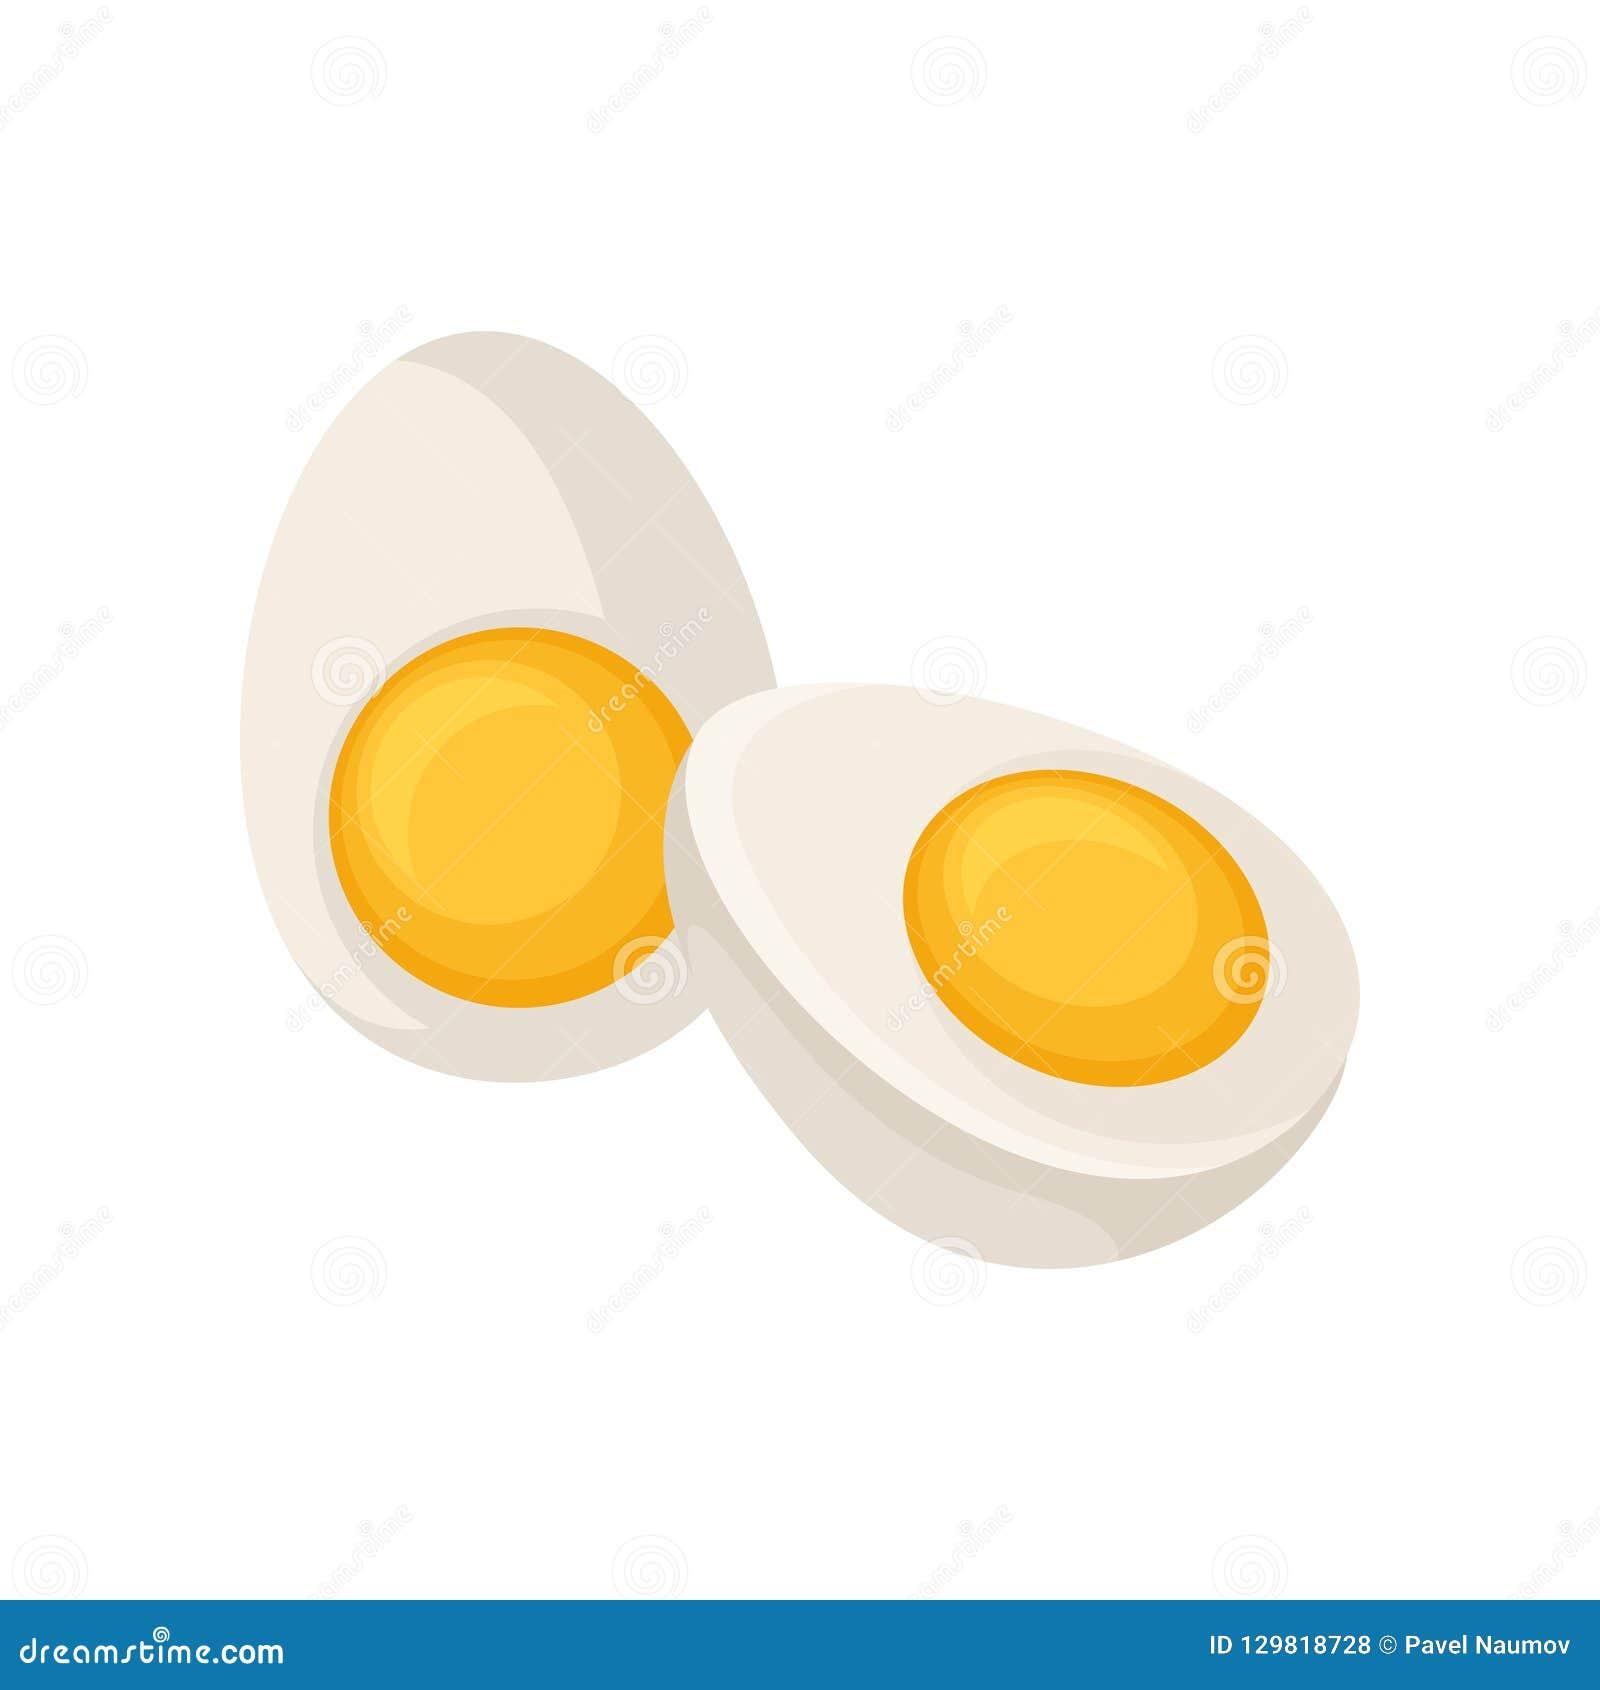 Duas metades do ovo cozido isoladas no fundo branco Produto saudável cozinhando o ingrediente Ícone liso do vetor